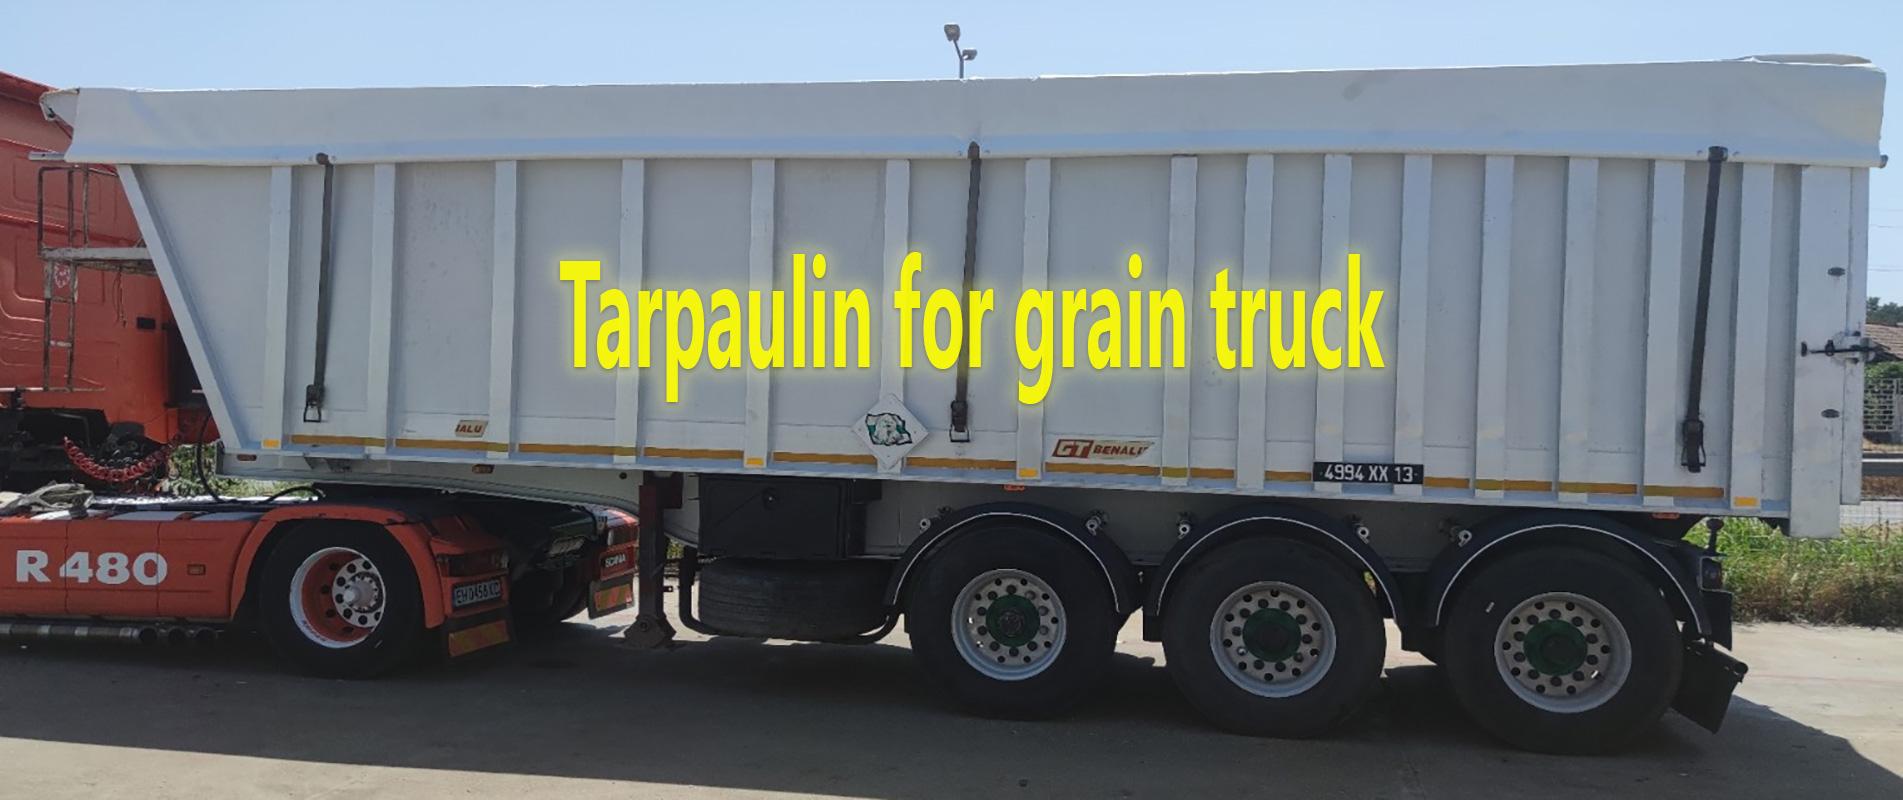 Tarpaulins for grain trucks